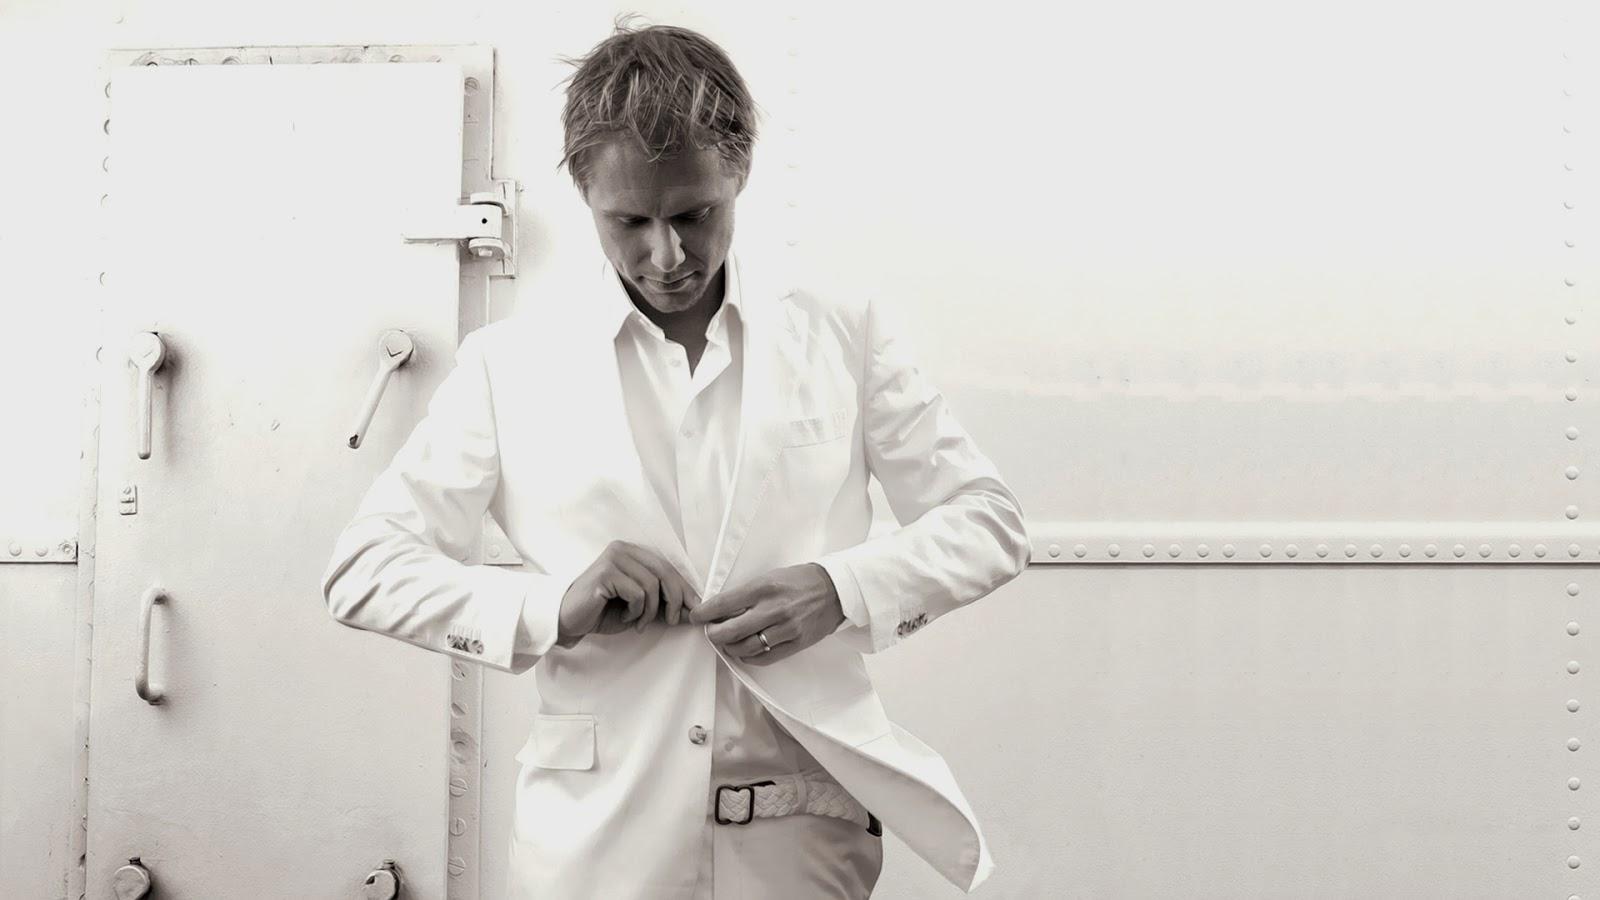 Armin Van Buuren Concert Wallpaper Armin van buuren whiteArmin Van Buuren Concert Wallpaper